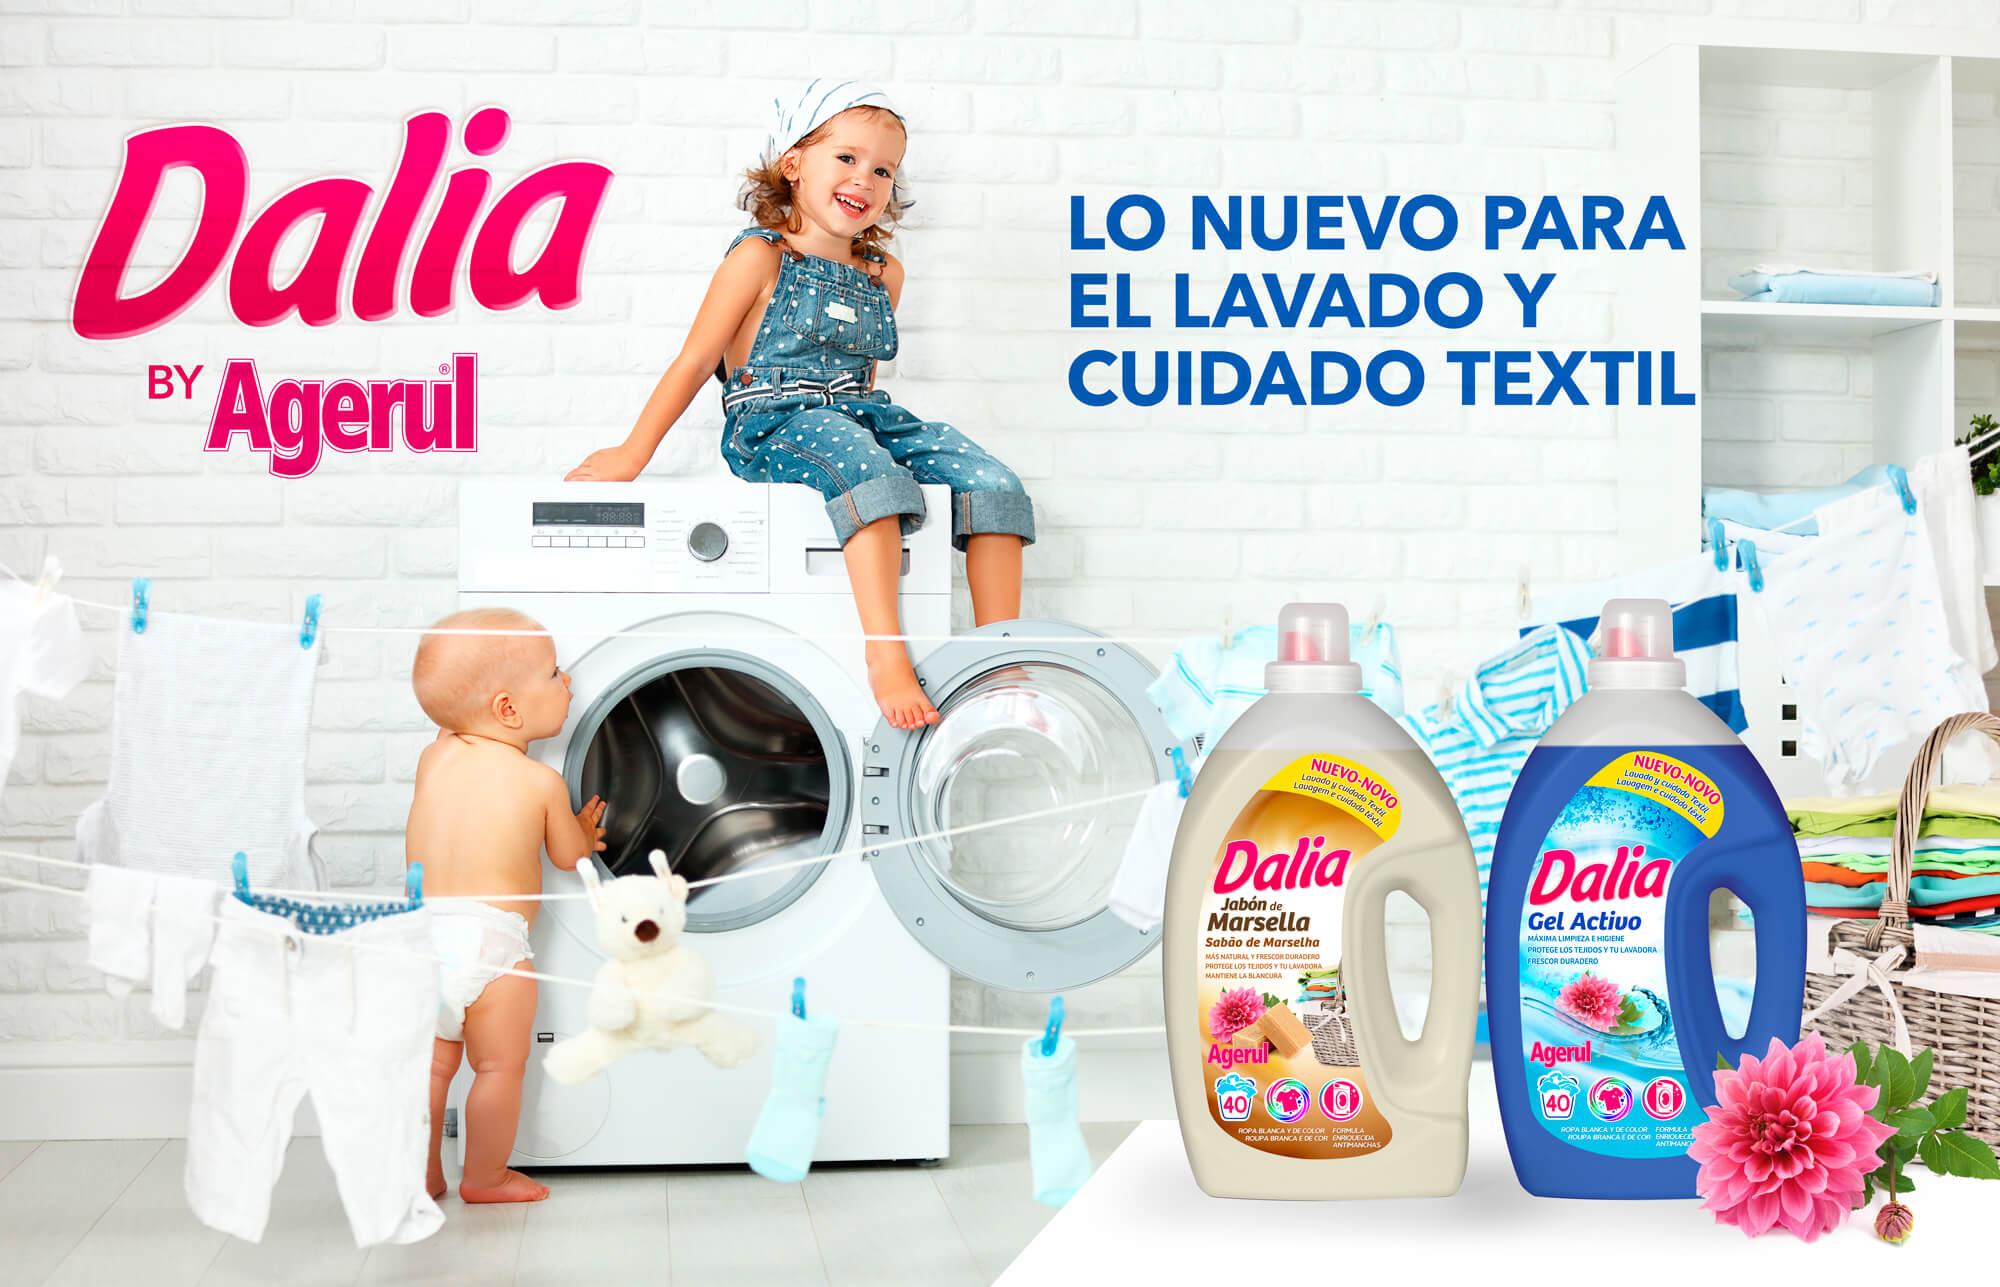 Dalia, la nueva línea de detergentes de Agerul